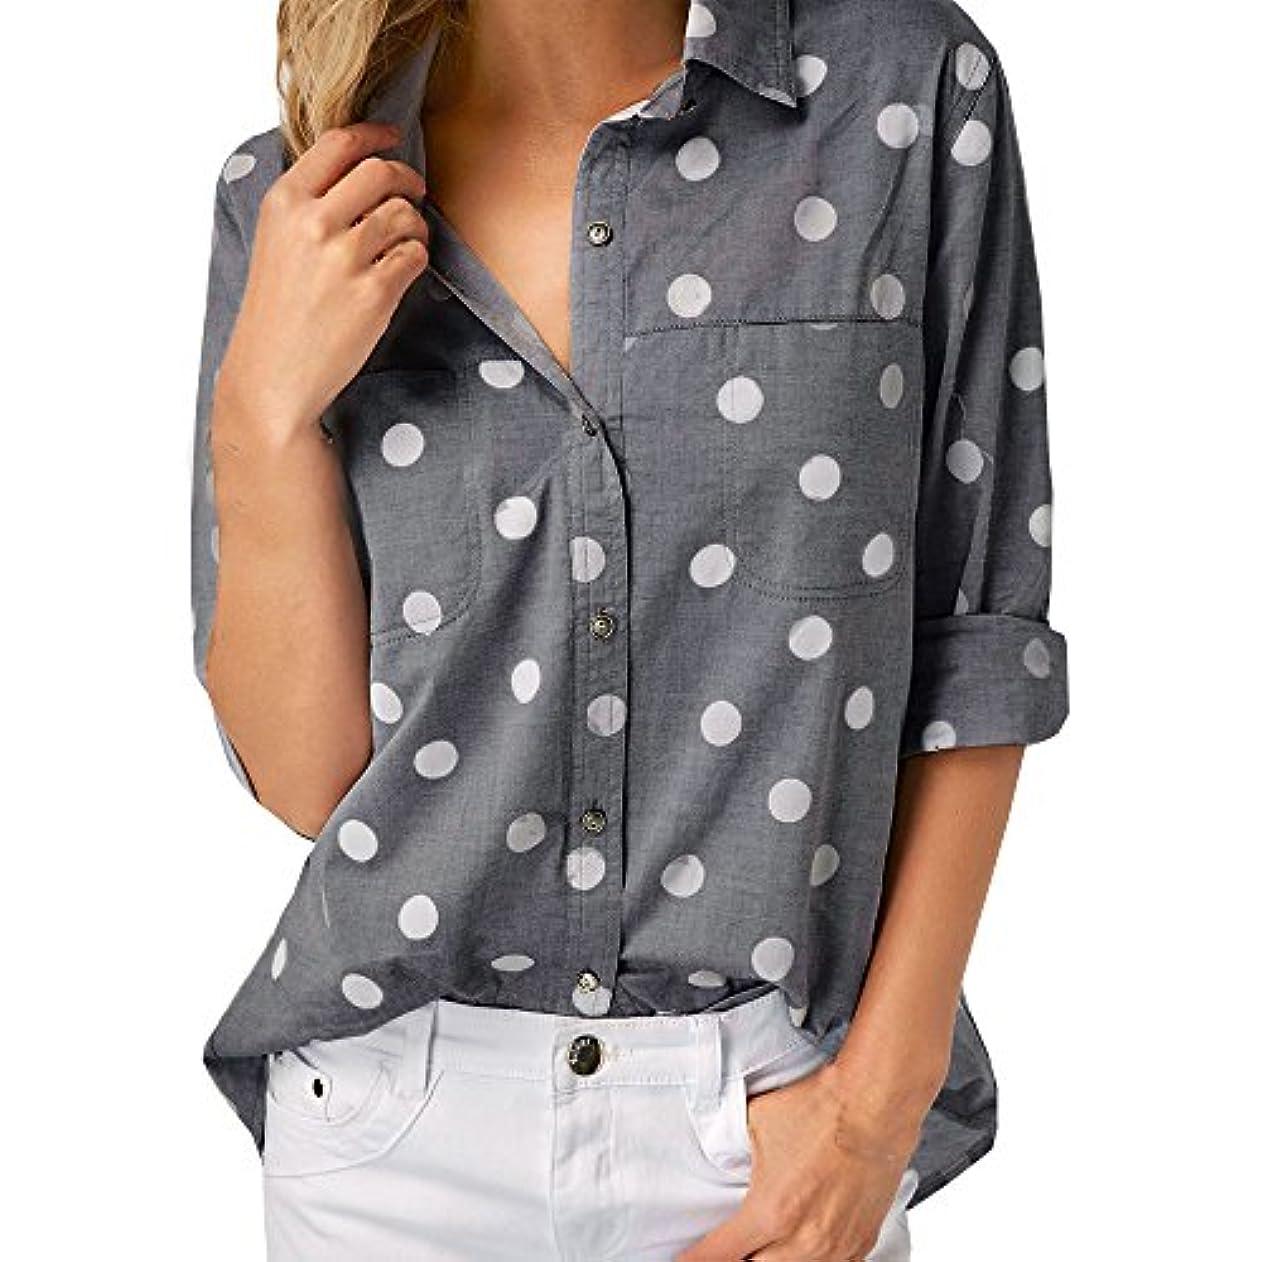 豆腐子生むSakuraBest Women Work Office Dot Print Spring Autumn Long Sleeve Button Down Shirt Blouse Top